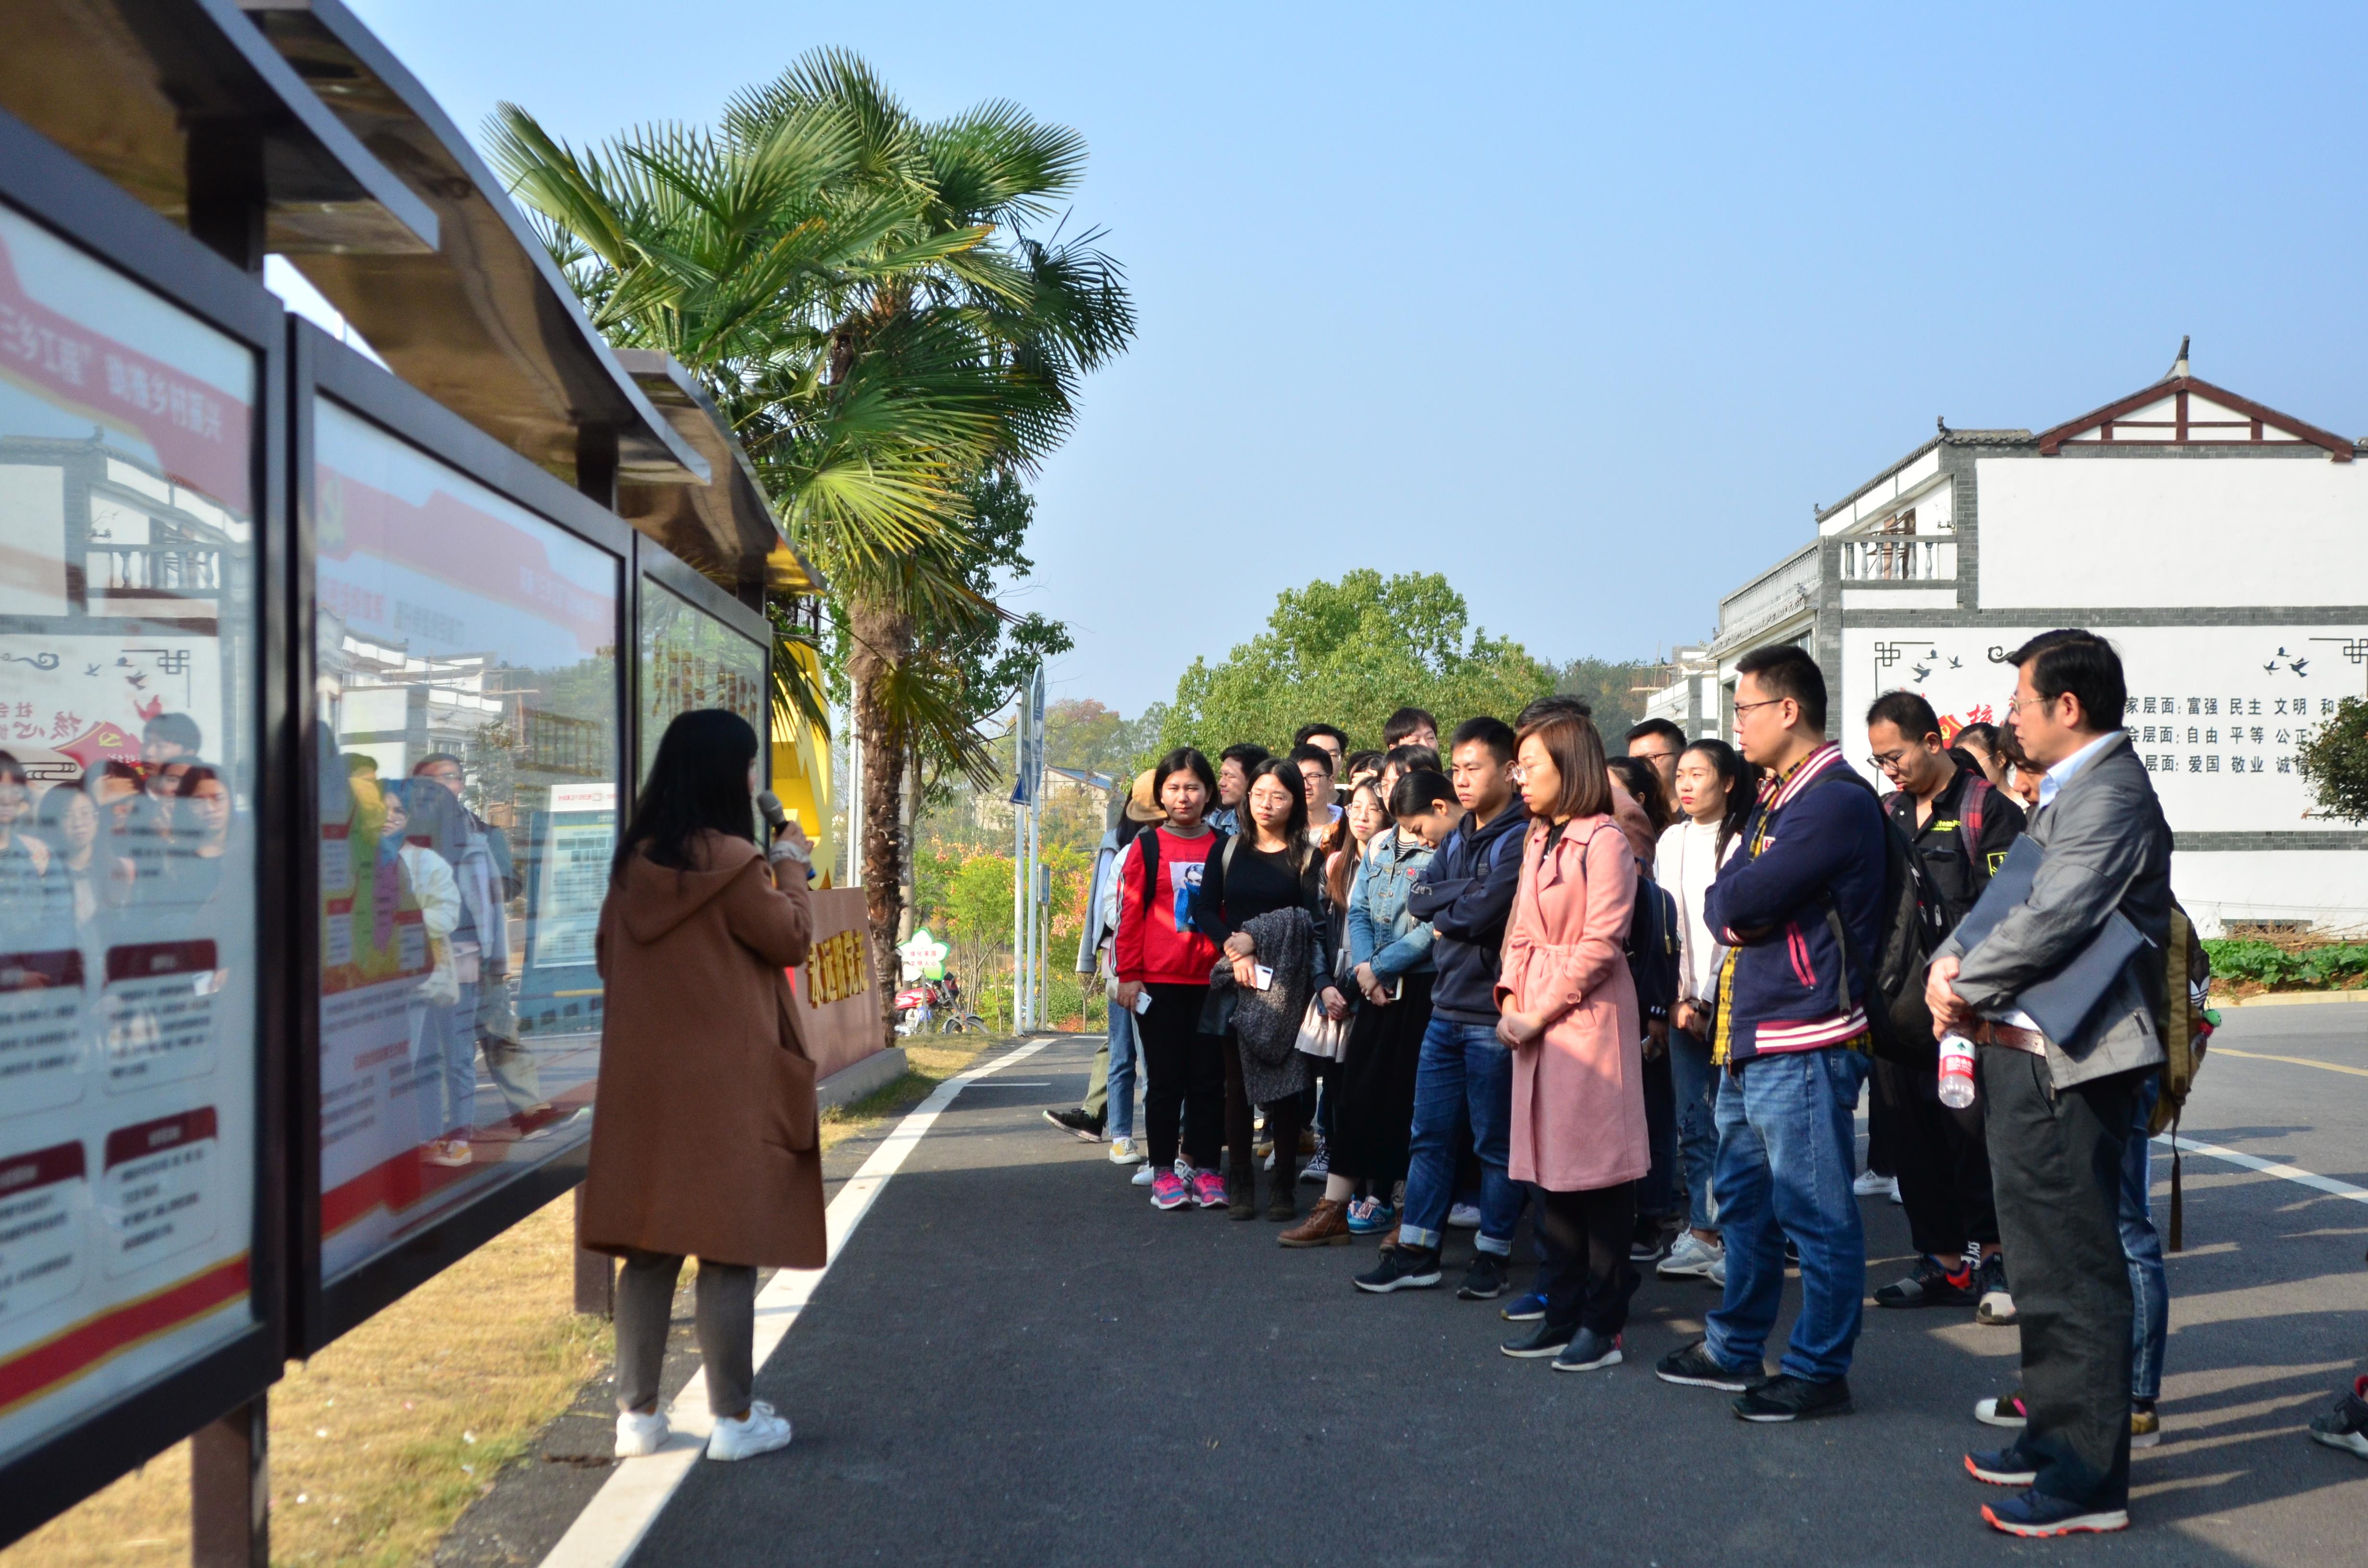 公共管理学院赴黄陂区杜堂村开展主题教育实践活动